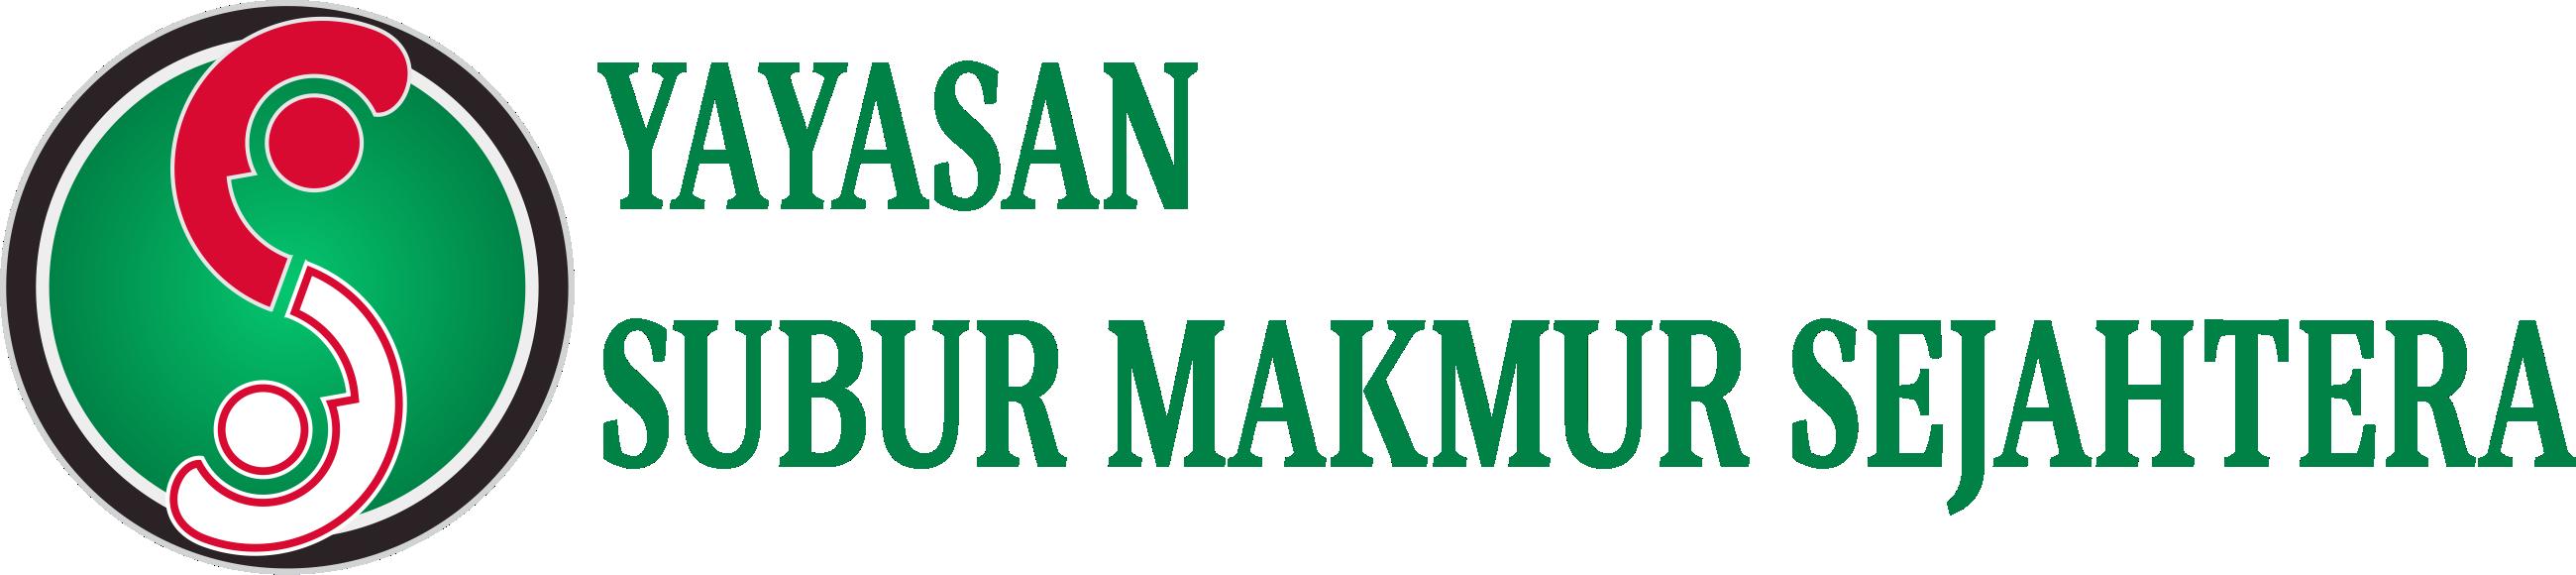 Yayasan Subur Makmur Sejahtera